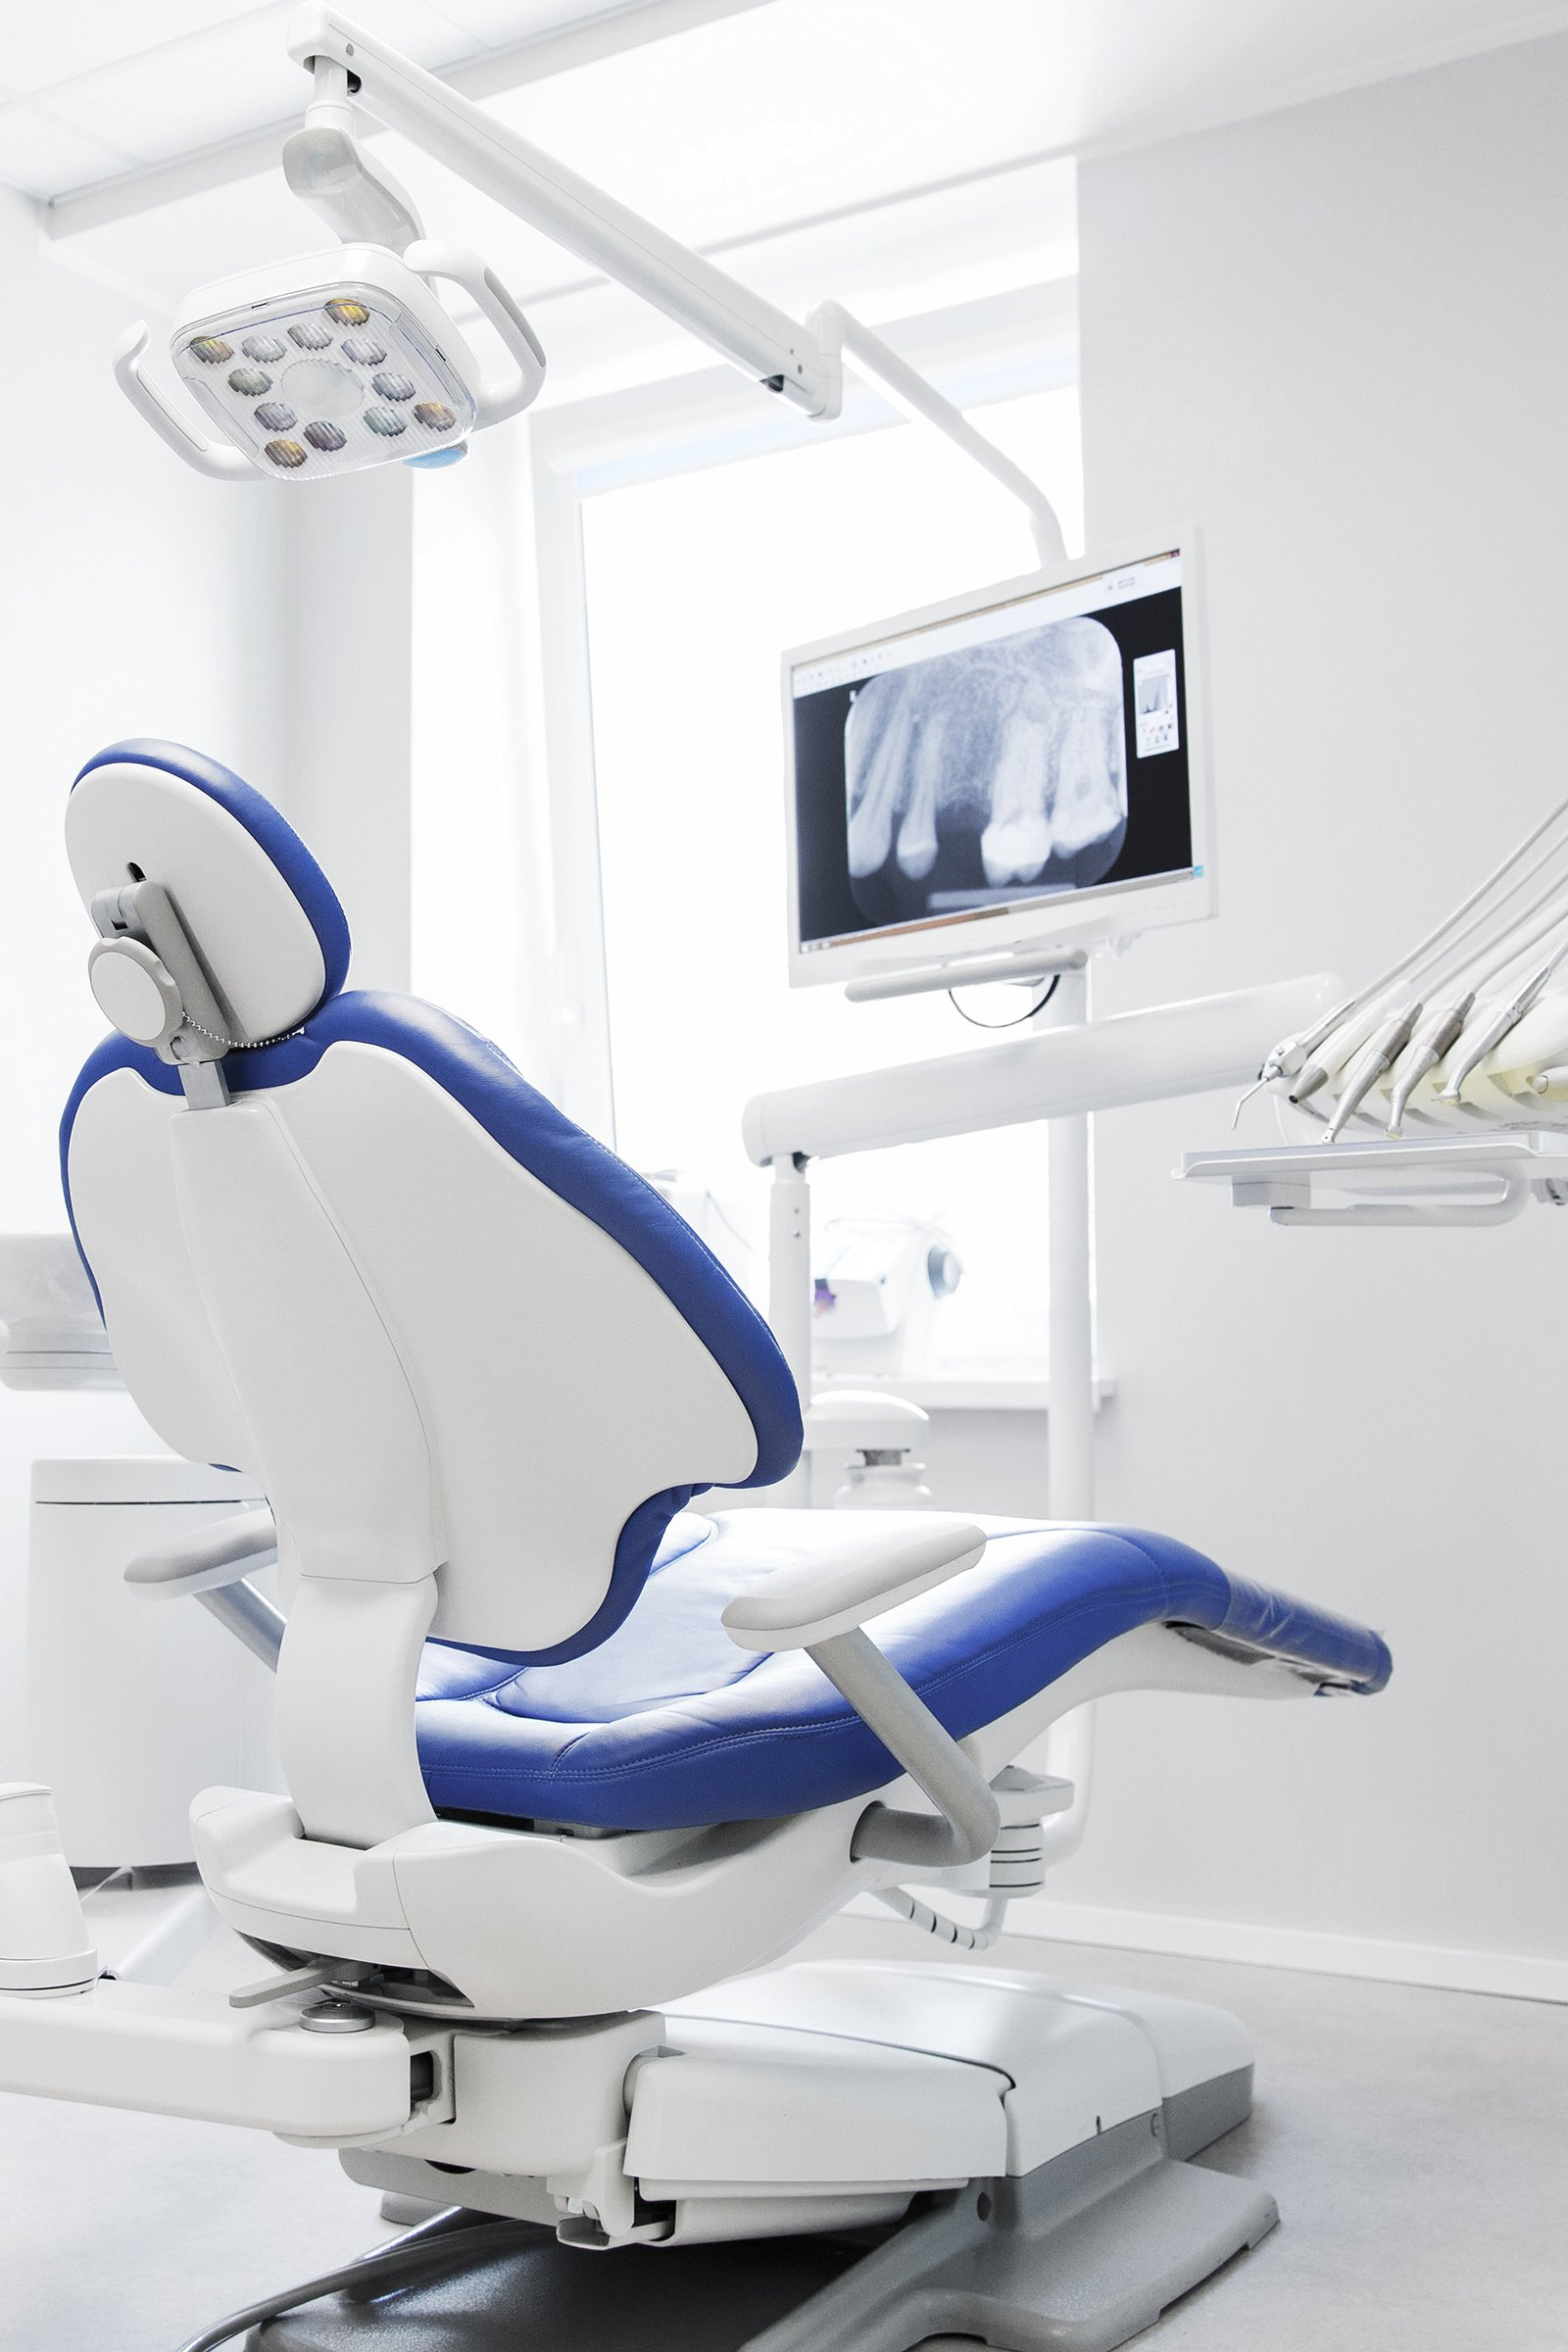 irvine dental office